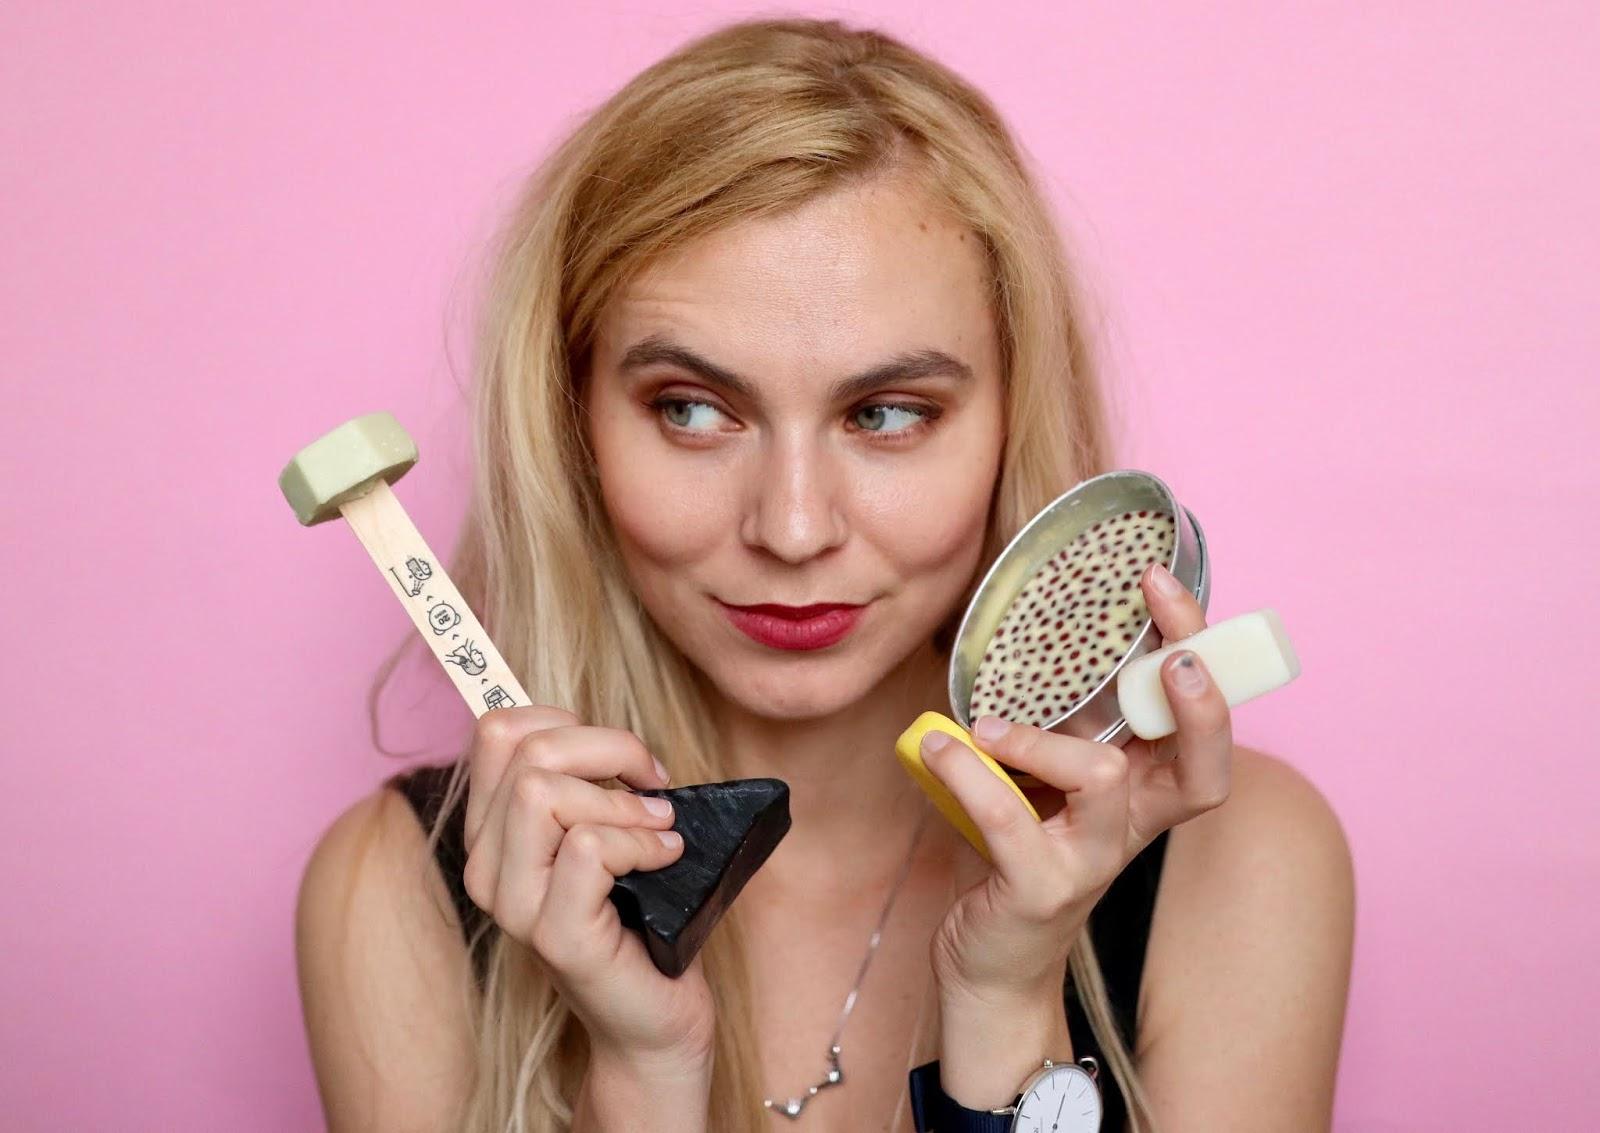 kozmetika bez obalu, zero waste kozmetika